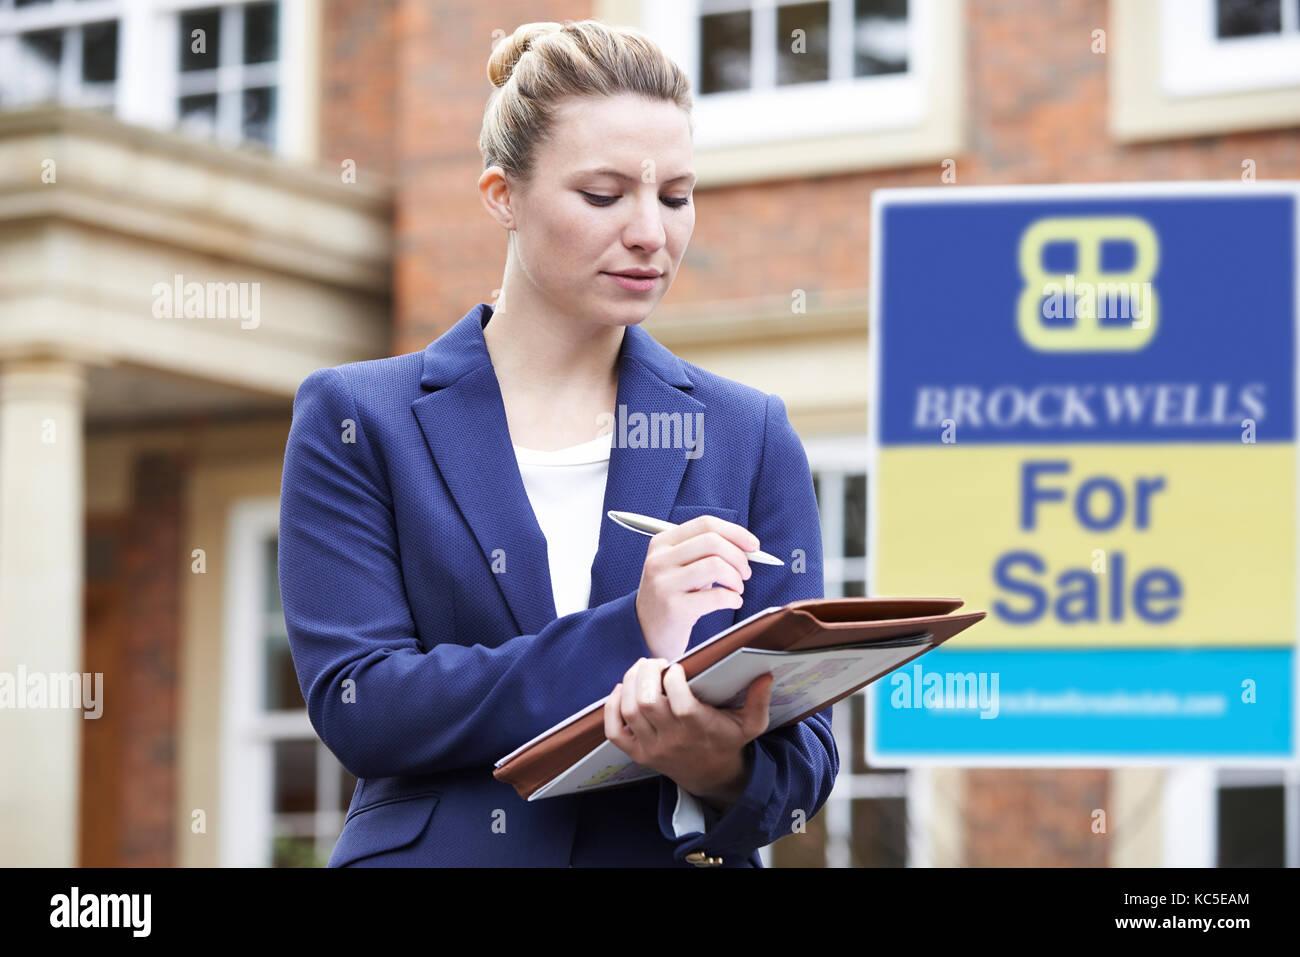 Weibliche Realtor außerhalb Wohnimmobilien mit für Verkauf Zeichen Stockbild